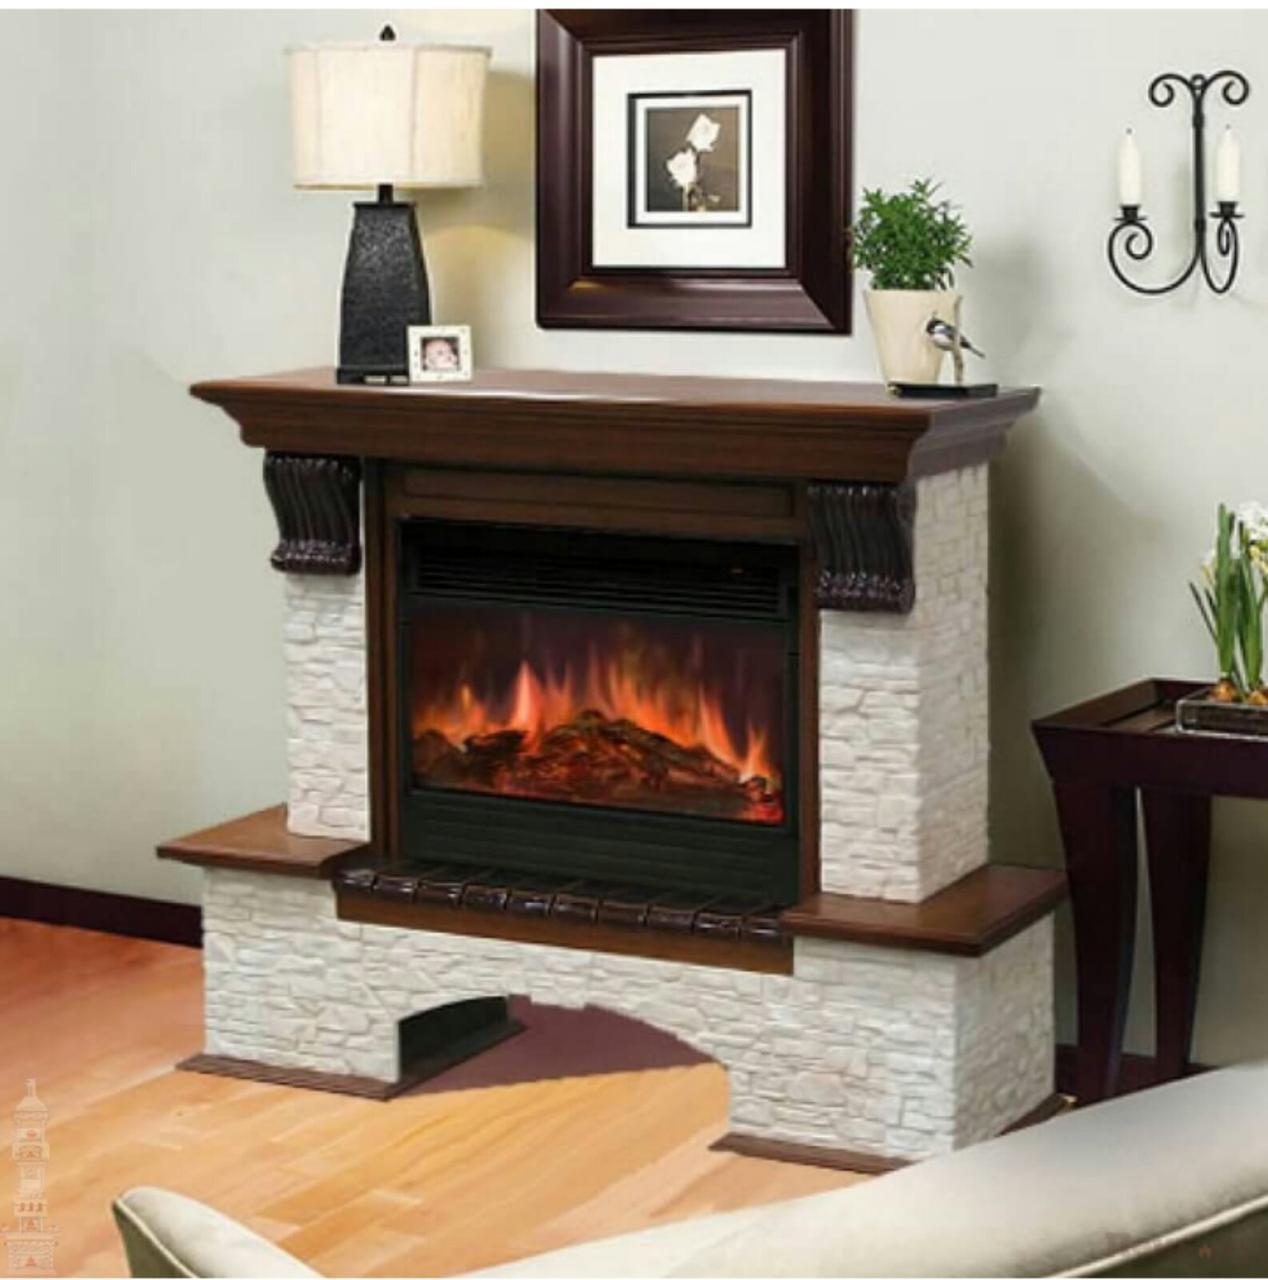 Каминокомплект Fireplace Сеул с эффектом сгоранием дров и пламени со звуком и обогревом